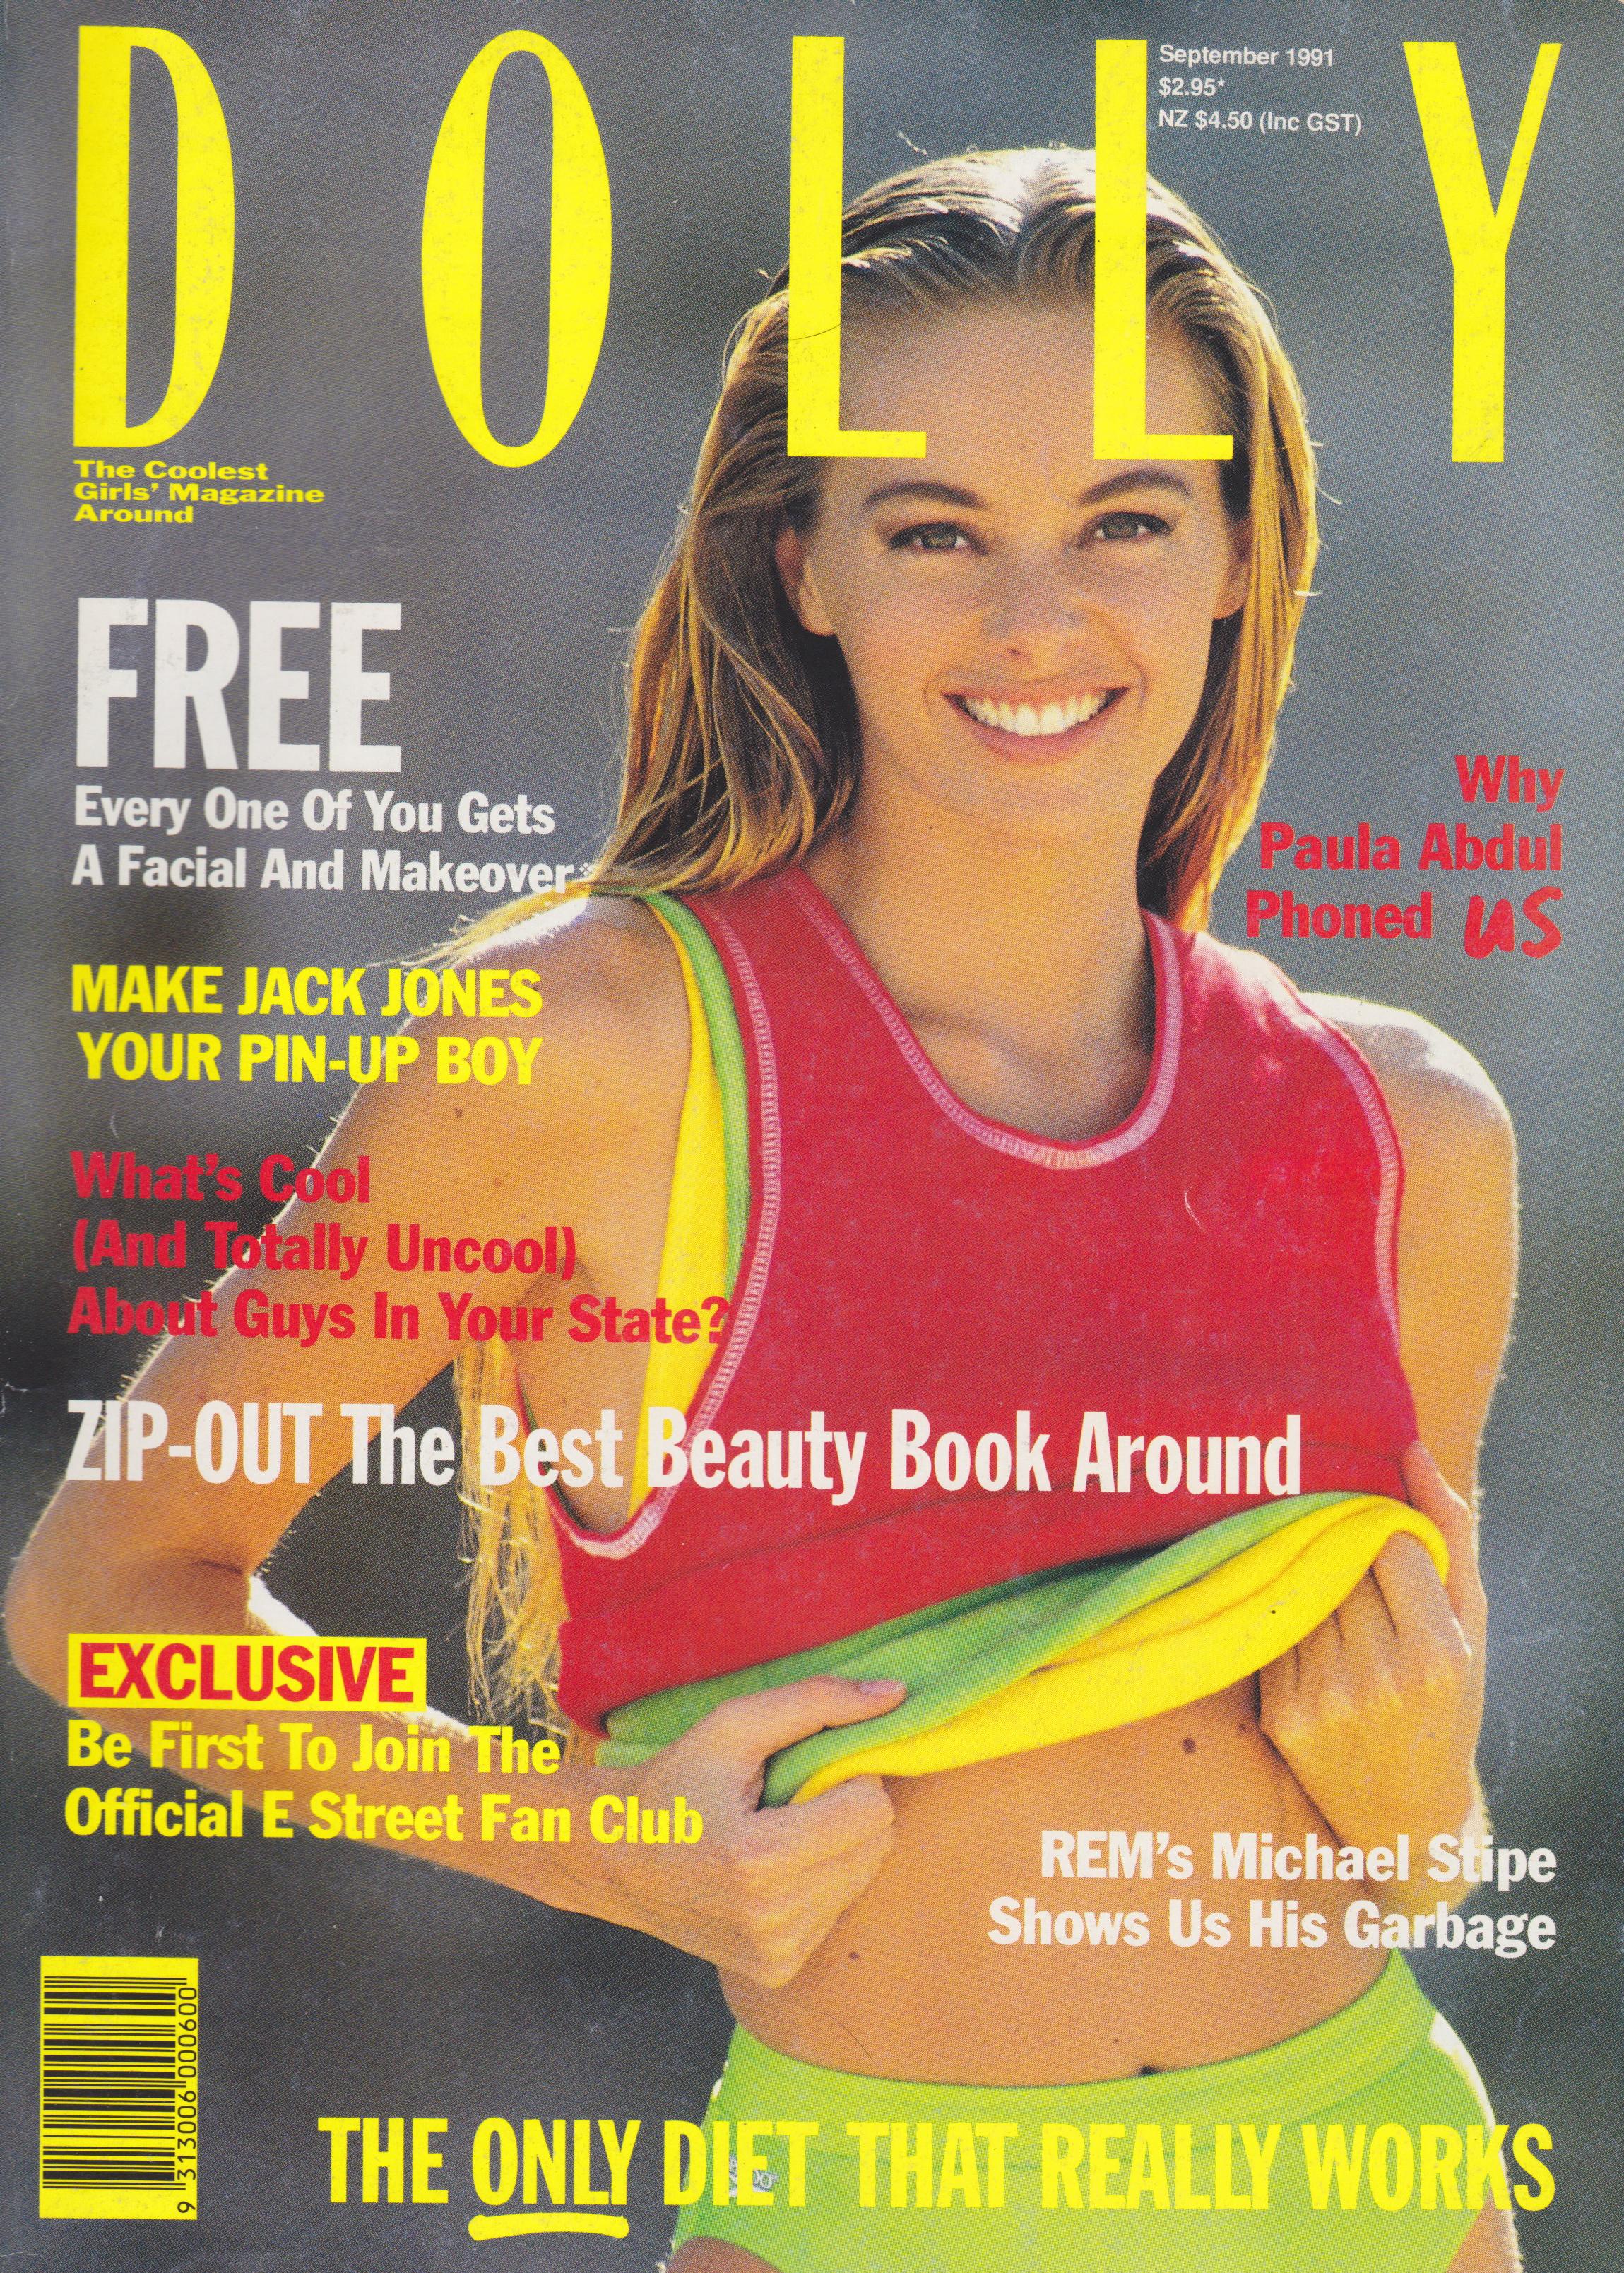 Dolly September 1991